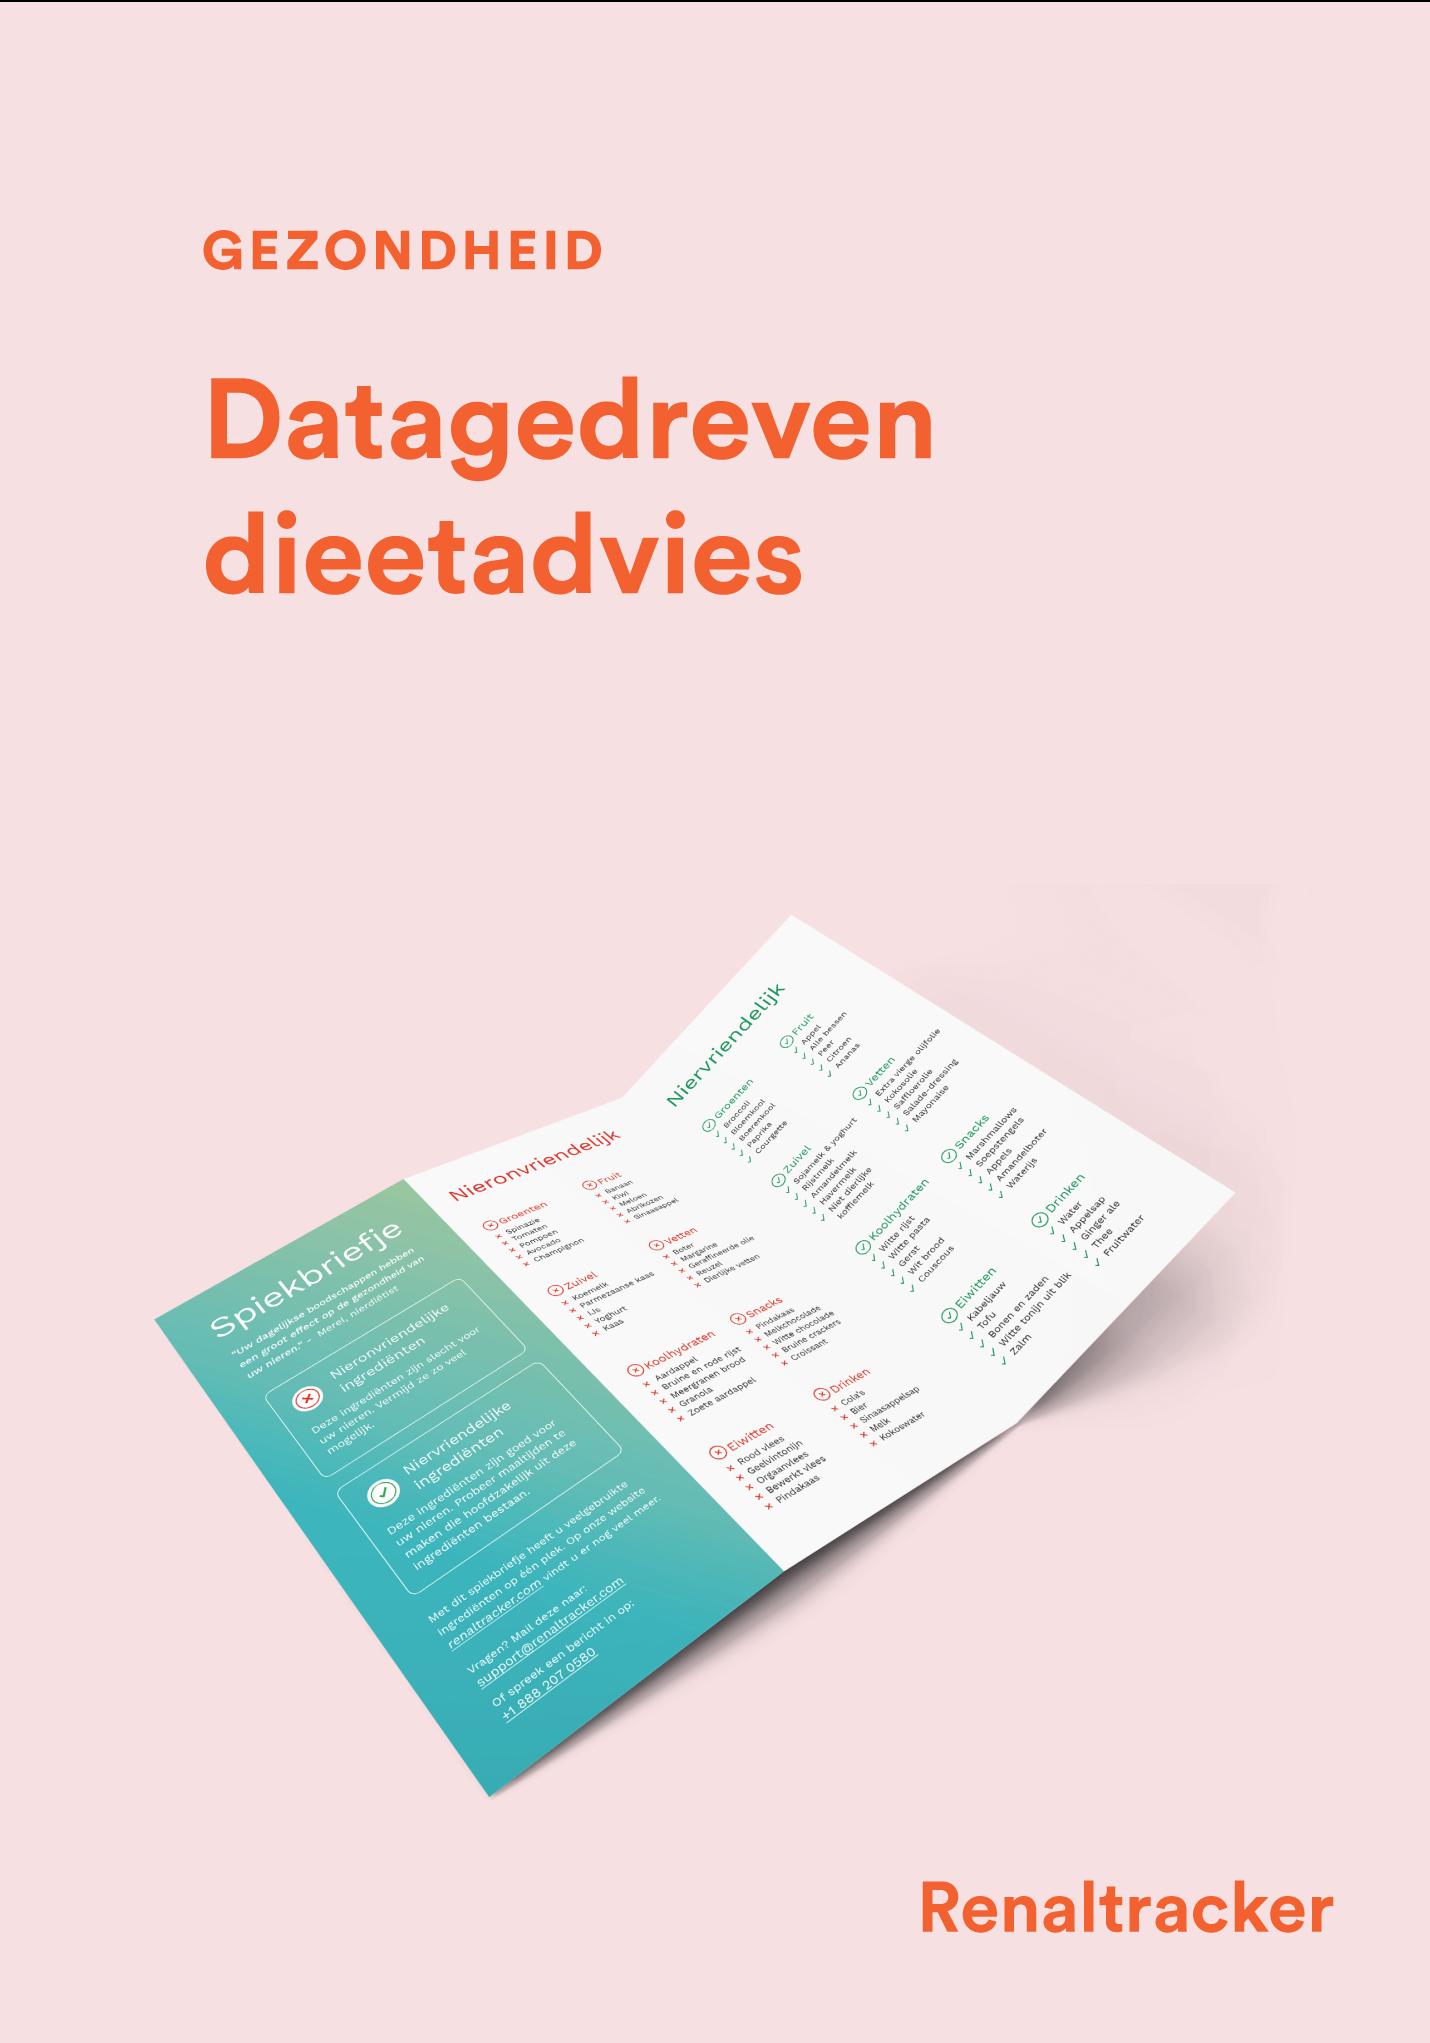 Project - Renaltracker - Datagedreven dieetadvies